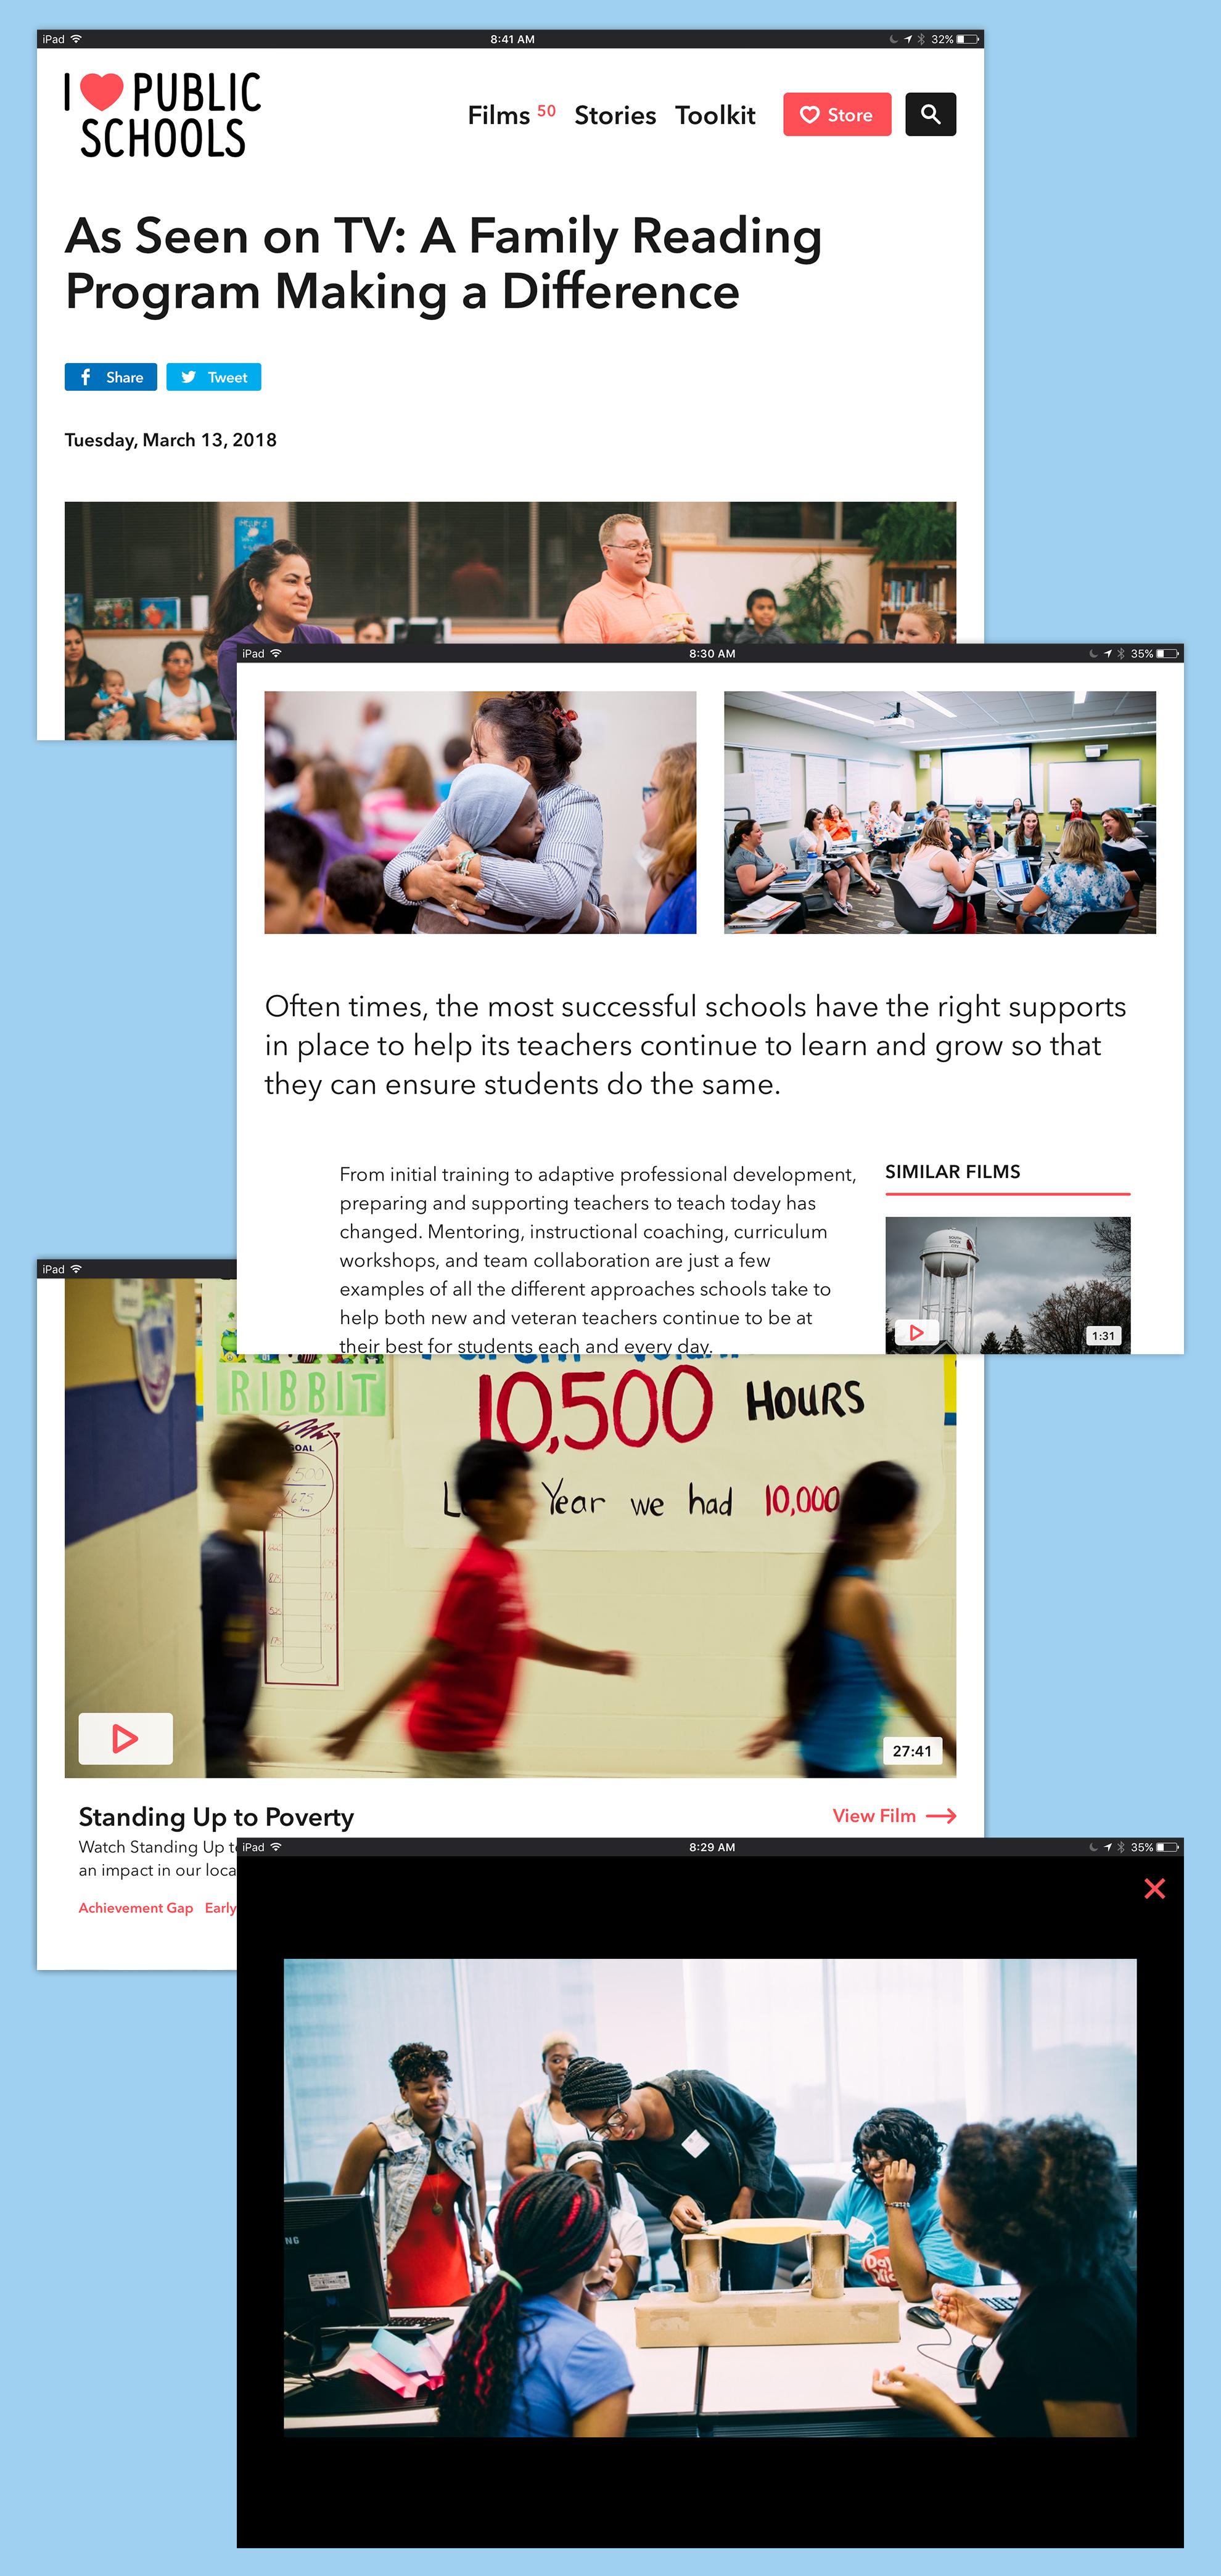 jkdc_ilovepublicschools-tabletstacks-1.jpg